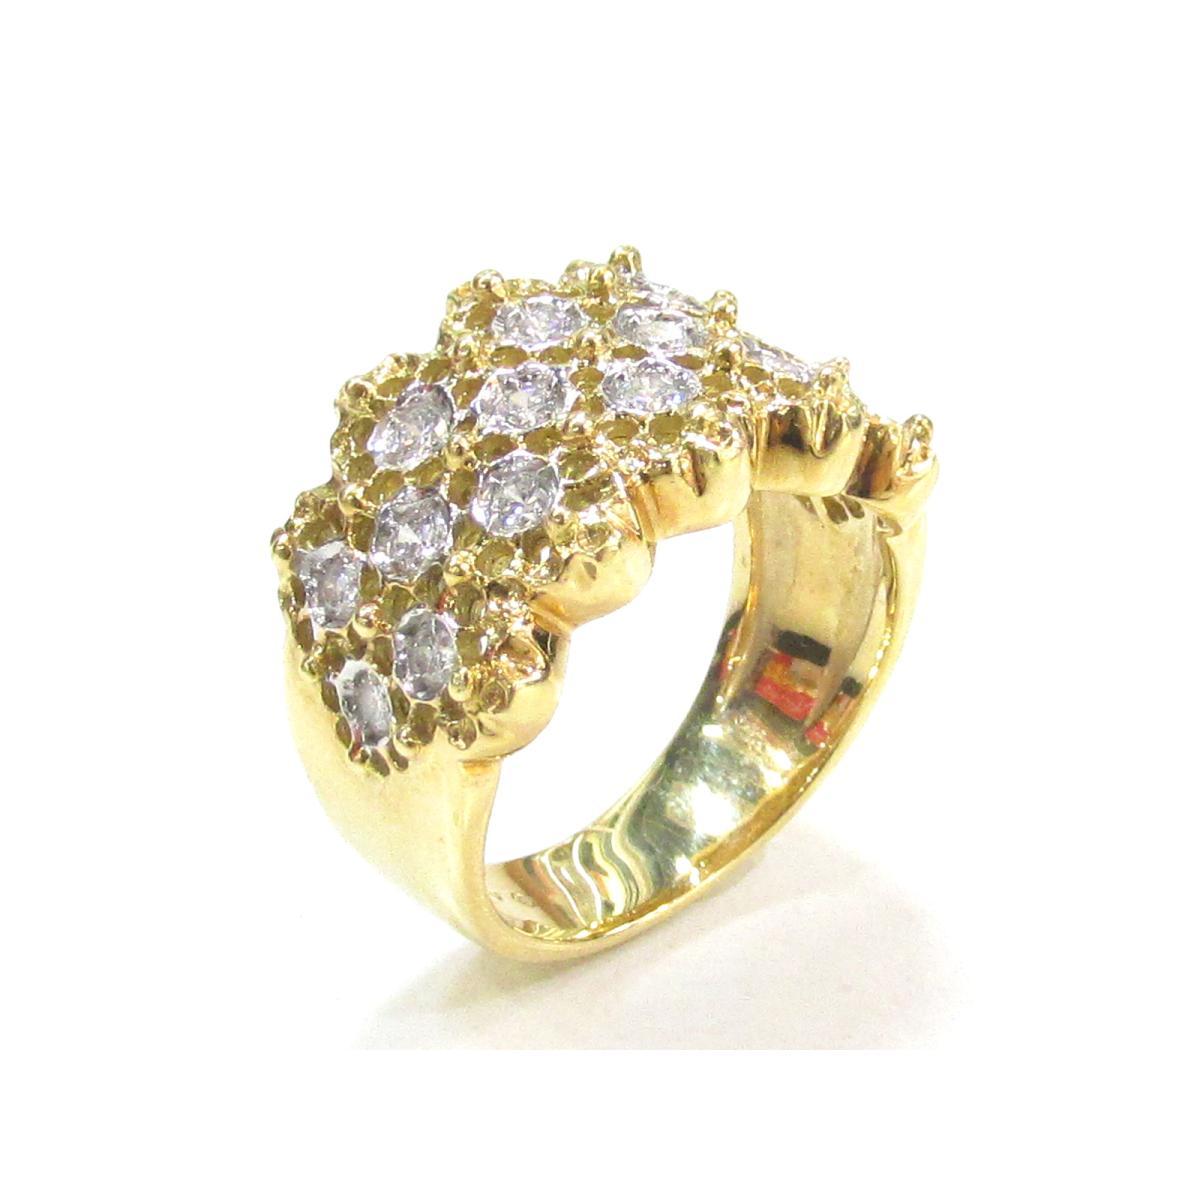 【中古】 ポンテヴェキオ ダイヤモンドリング 指輪 ブランドジュエリー レディース K18YG (750) イエローゴールドxダイヤモンド (0.50ct) | Ponte Vecchio BRANDOFF ブランドオフ ブランド ジュエリー アクセサリー リング